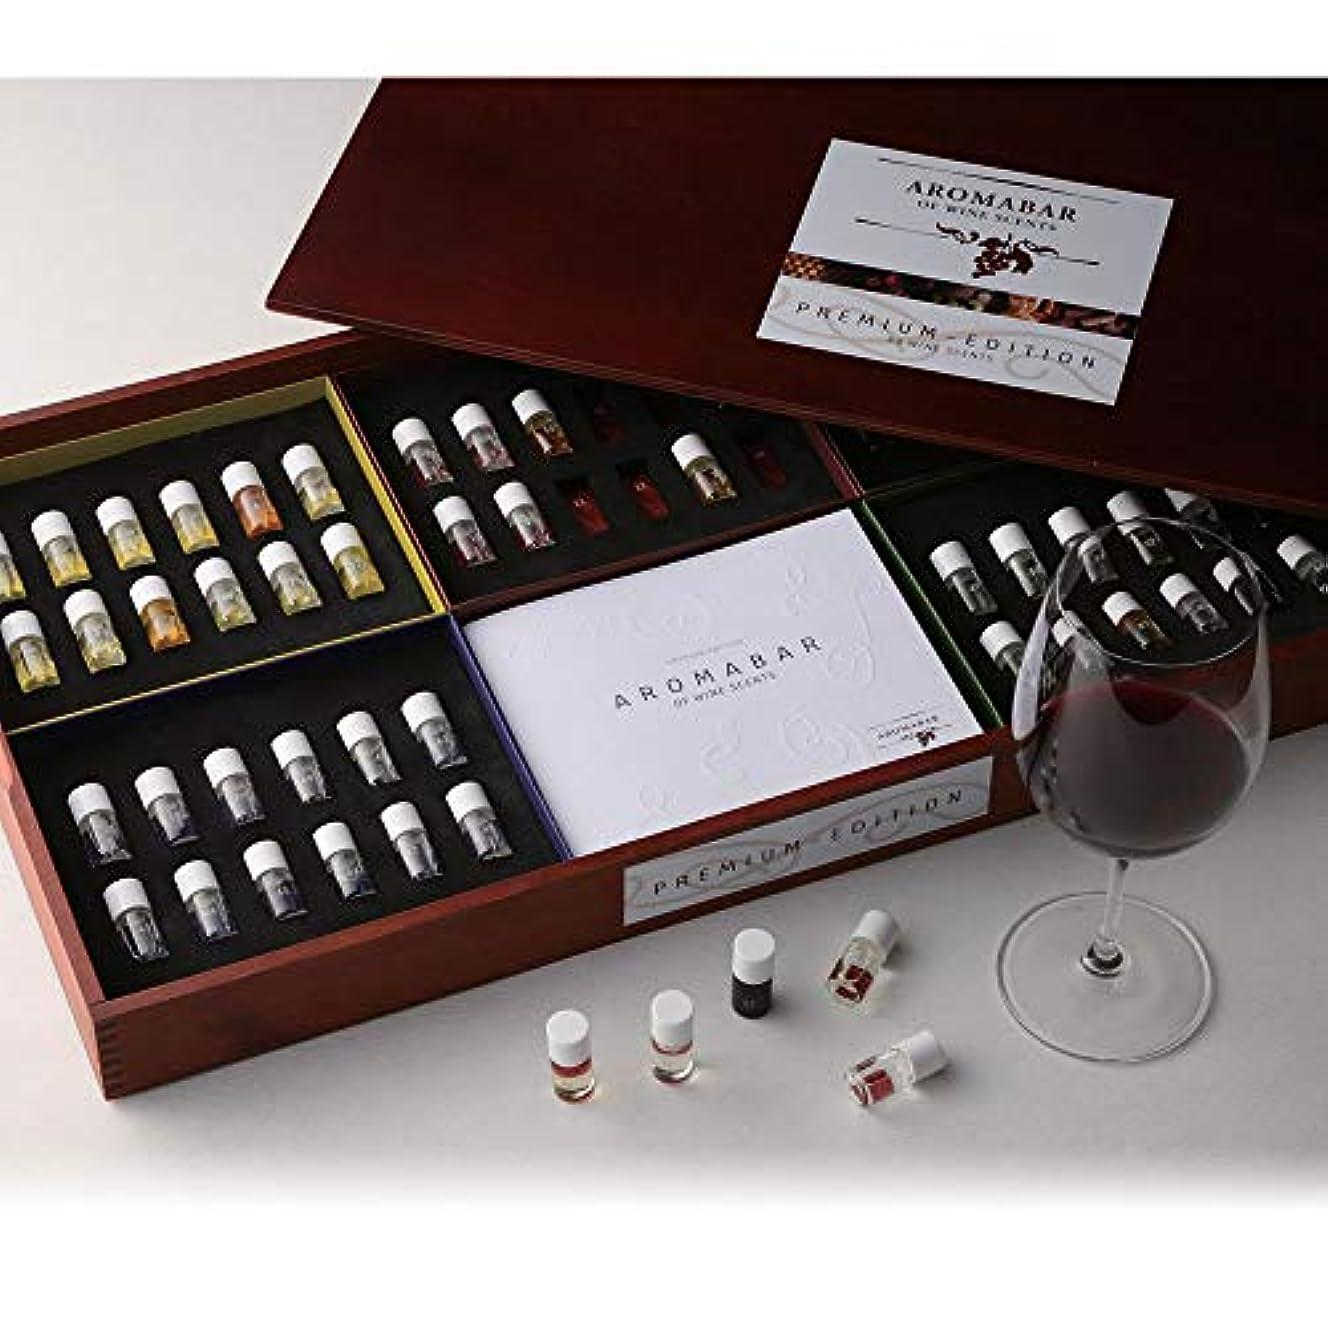 掻く死マスク送料無料 グローバル アロマバー プレミアム60種 ワイン テイスティング ソムリエ レッスン 香り